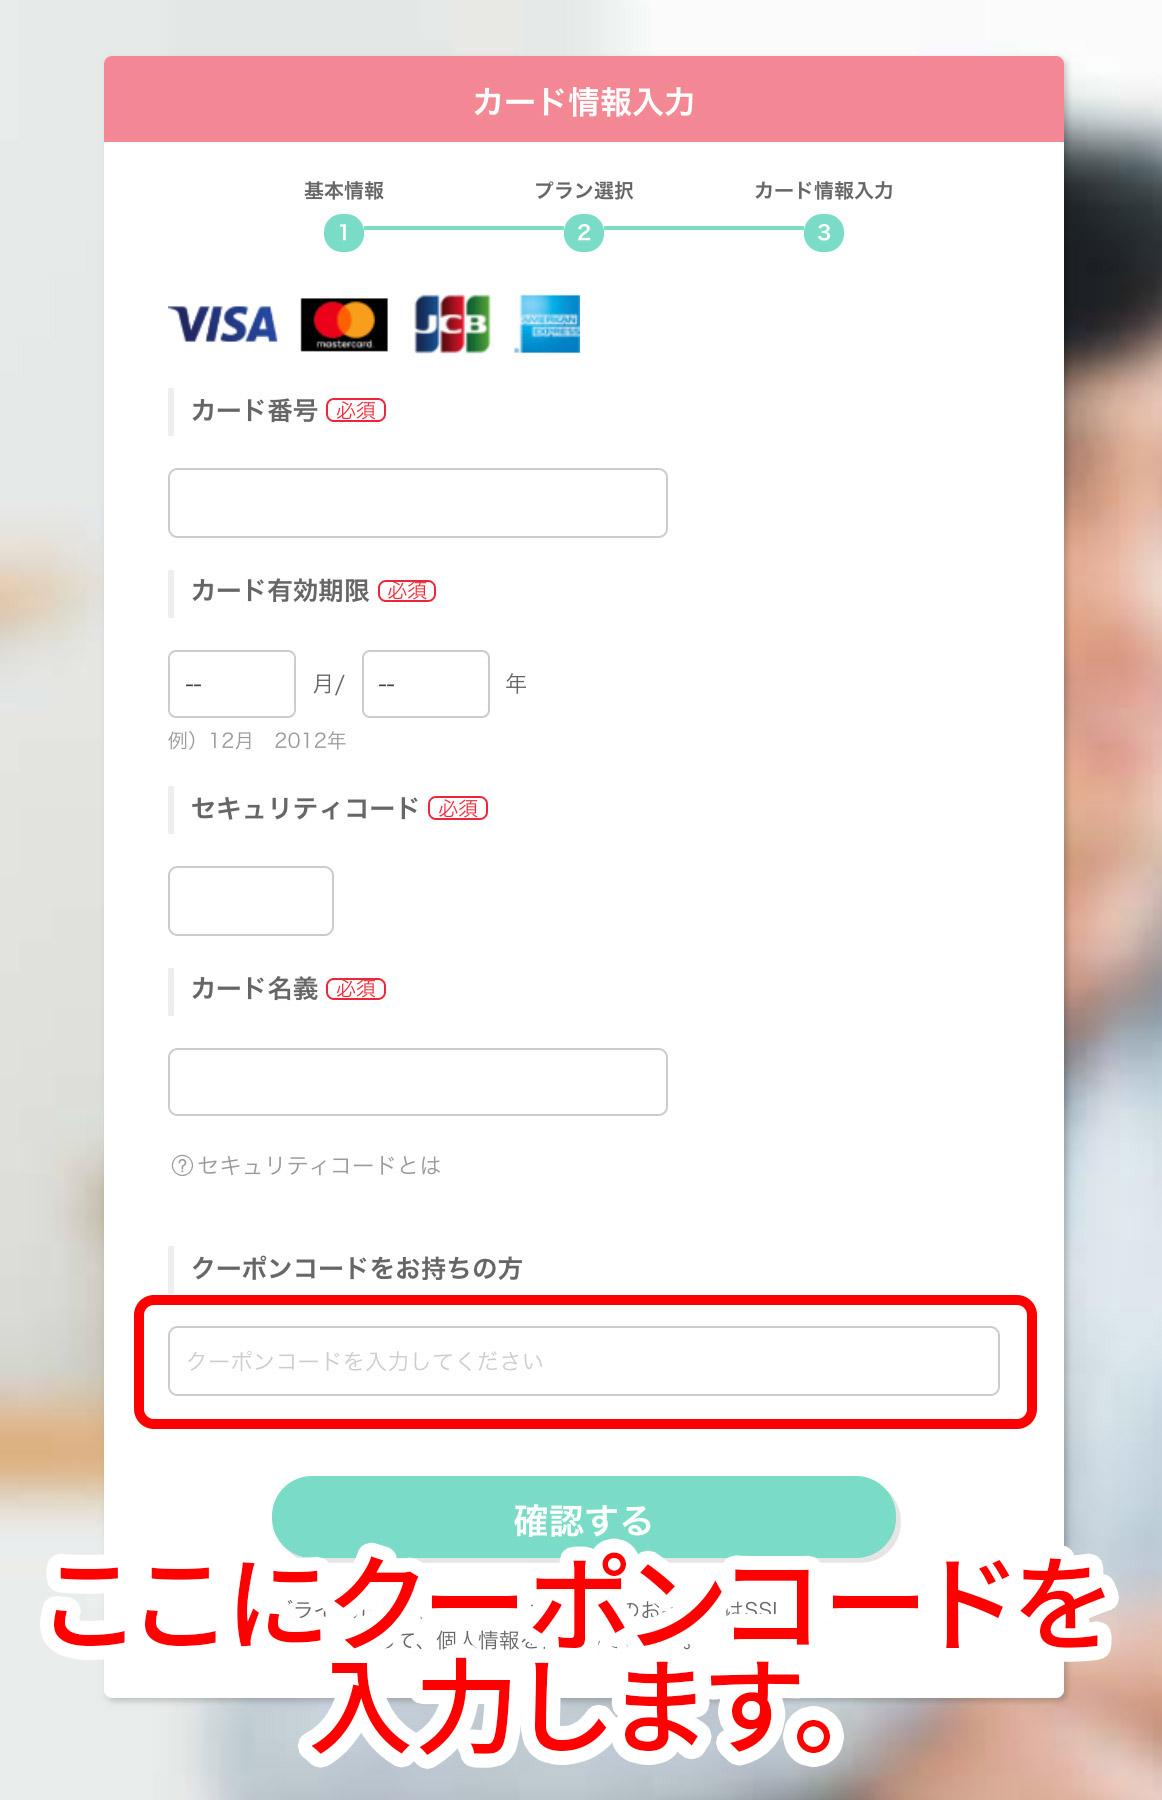 【ブライダルネット割引クーポン】コピペOK!期間限定クーポン配布。